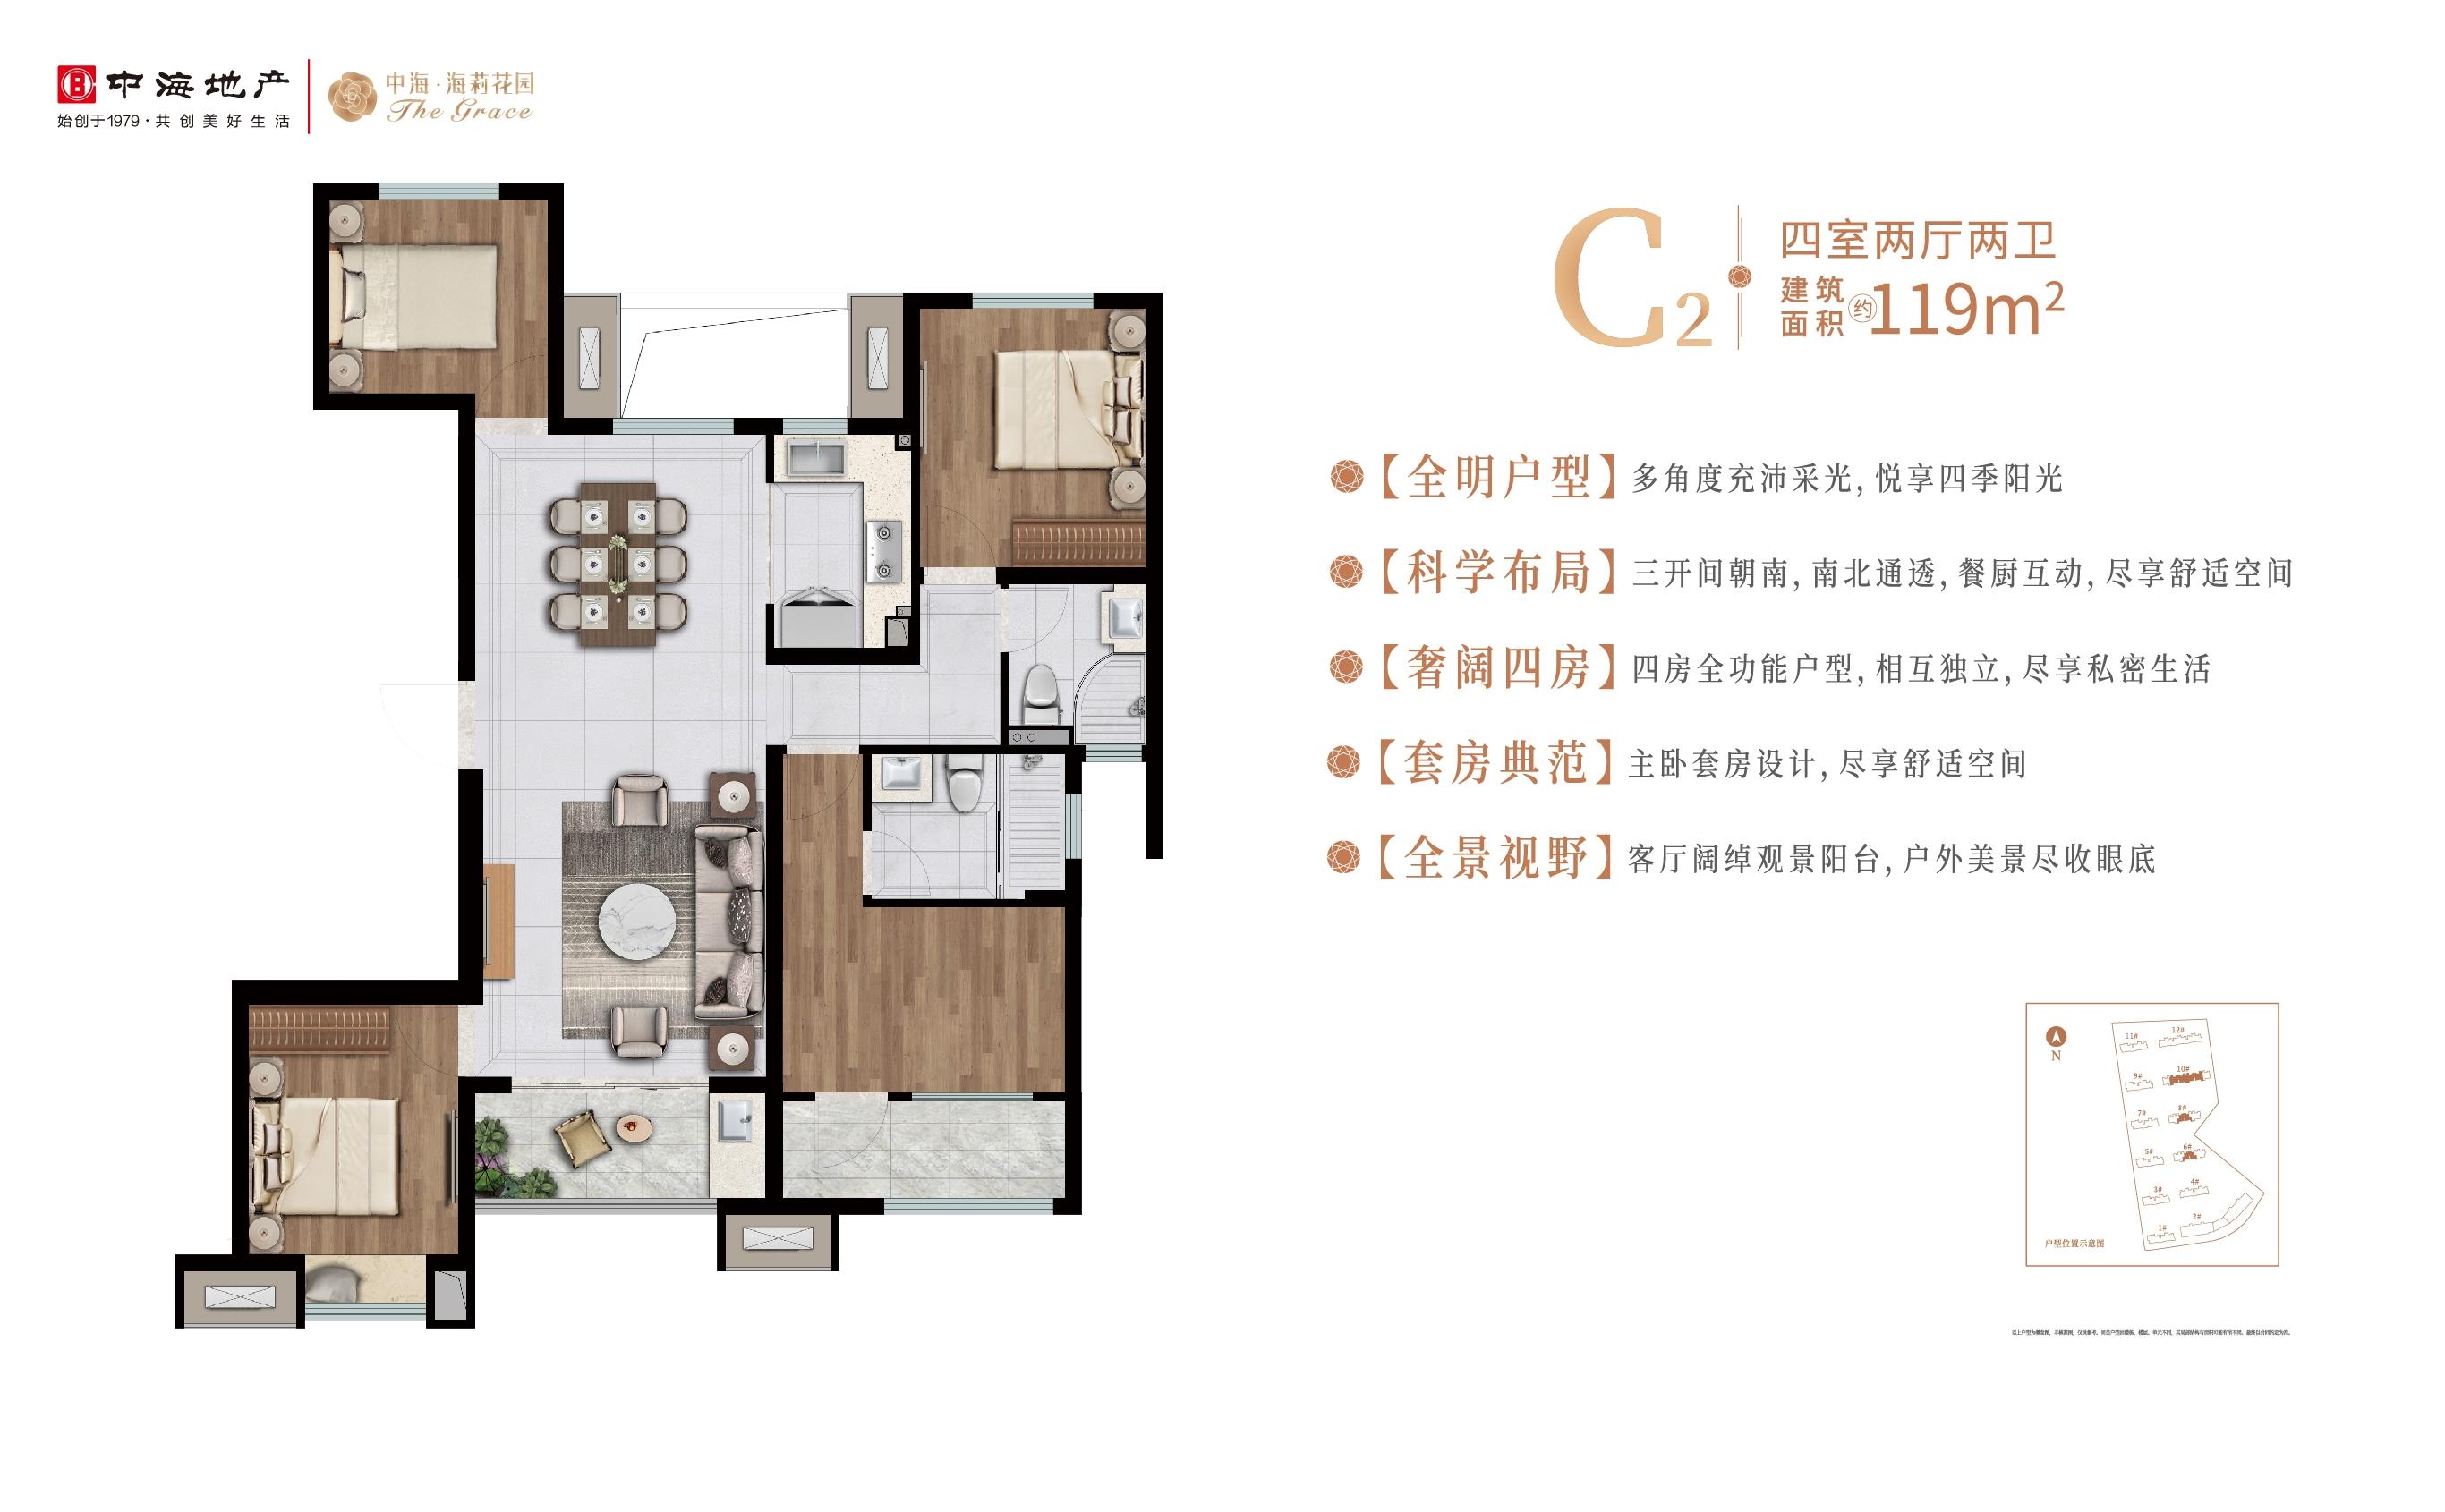 中海棠城公馆户型图